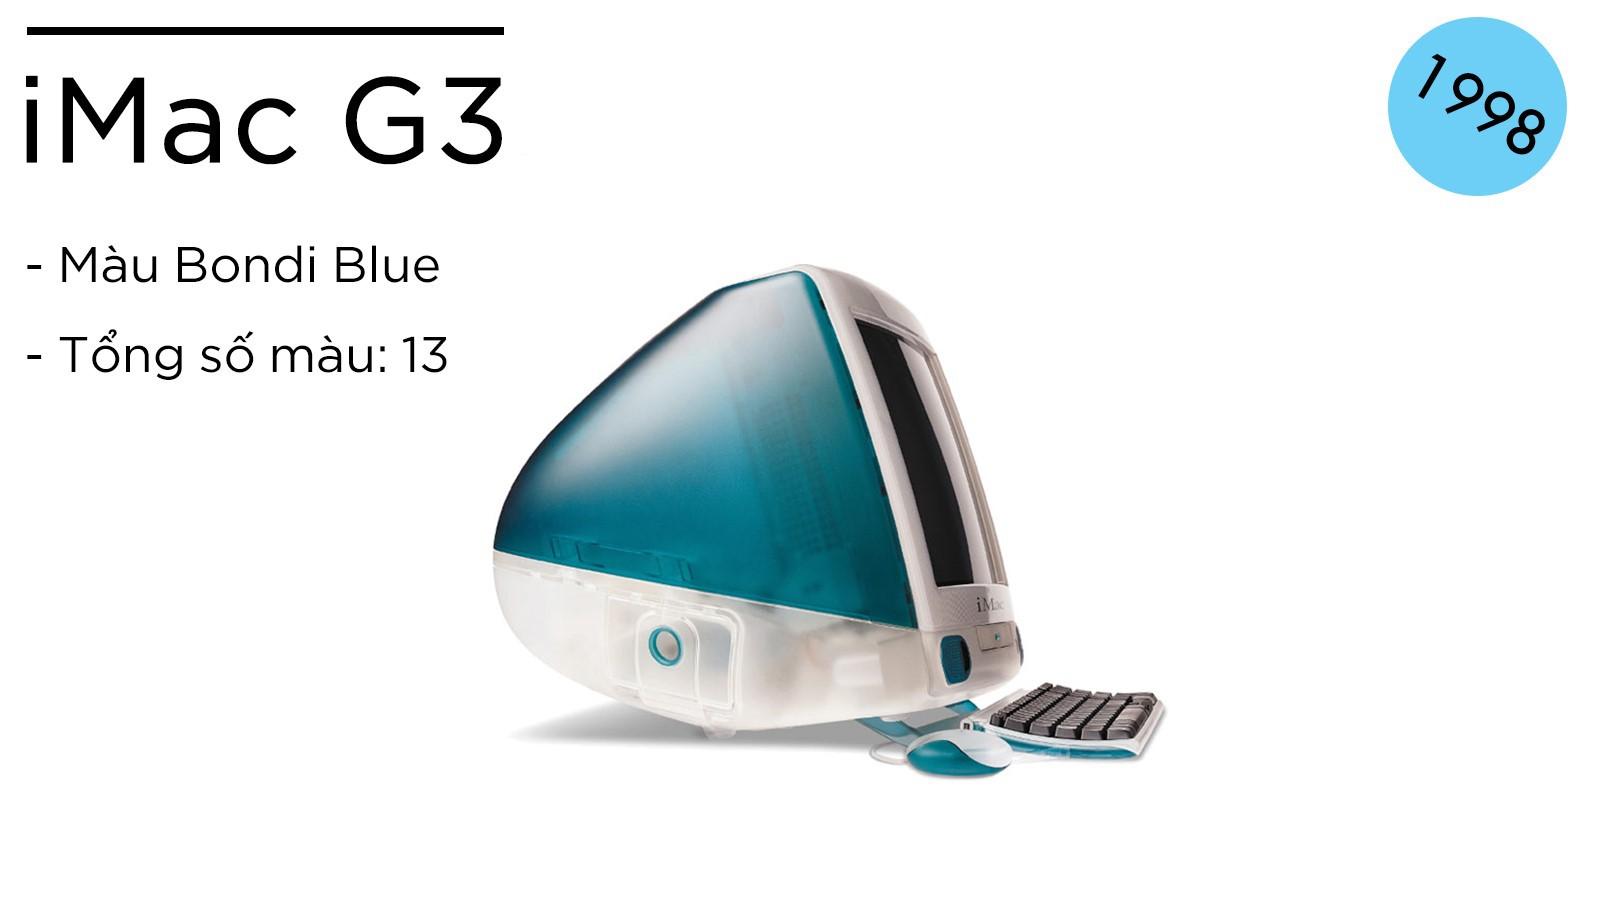 Từ Apple I đến iPhone X: Lịch sử màu sắc 3 chìm 7 nổi của Apple - Ảnh 3.